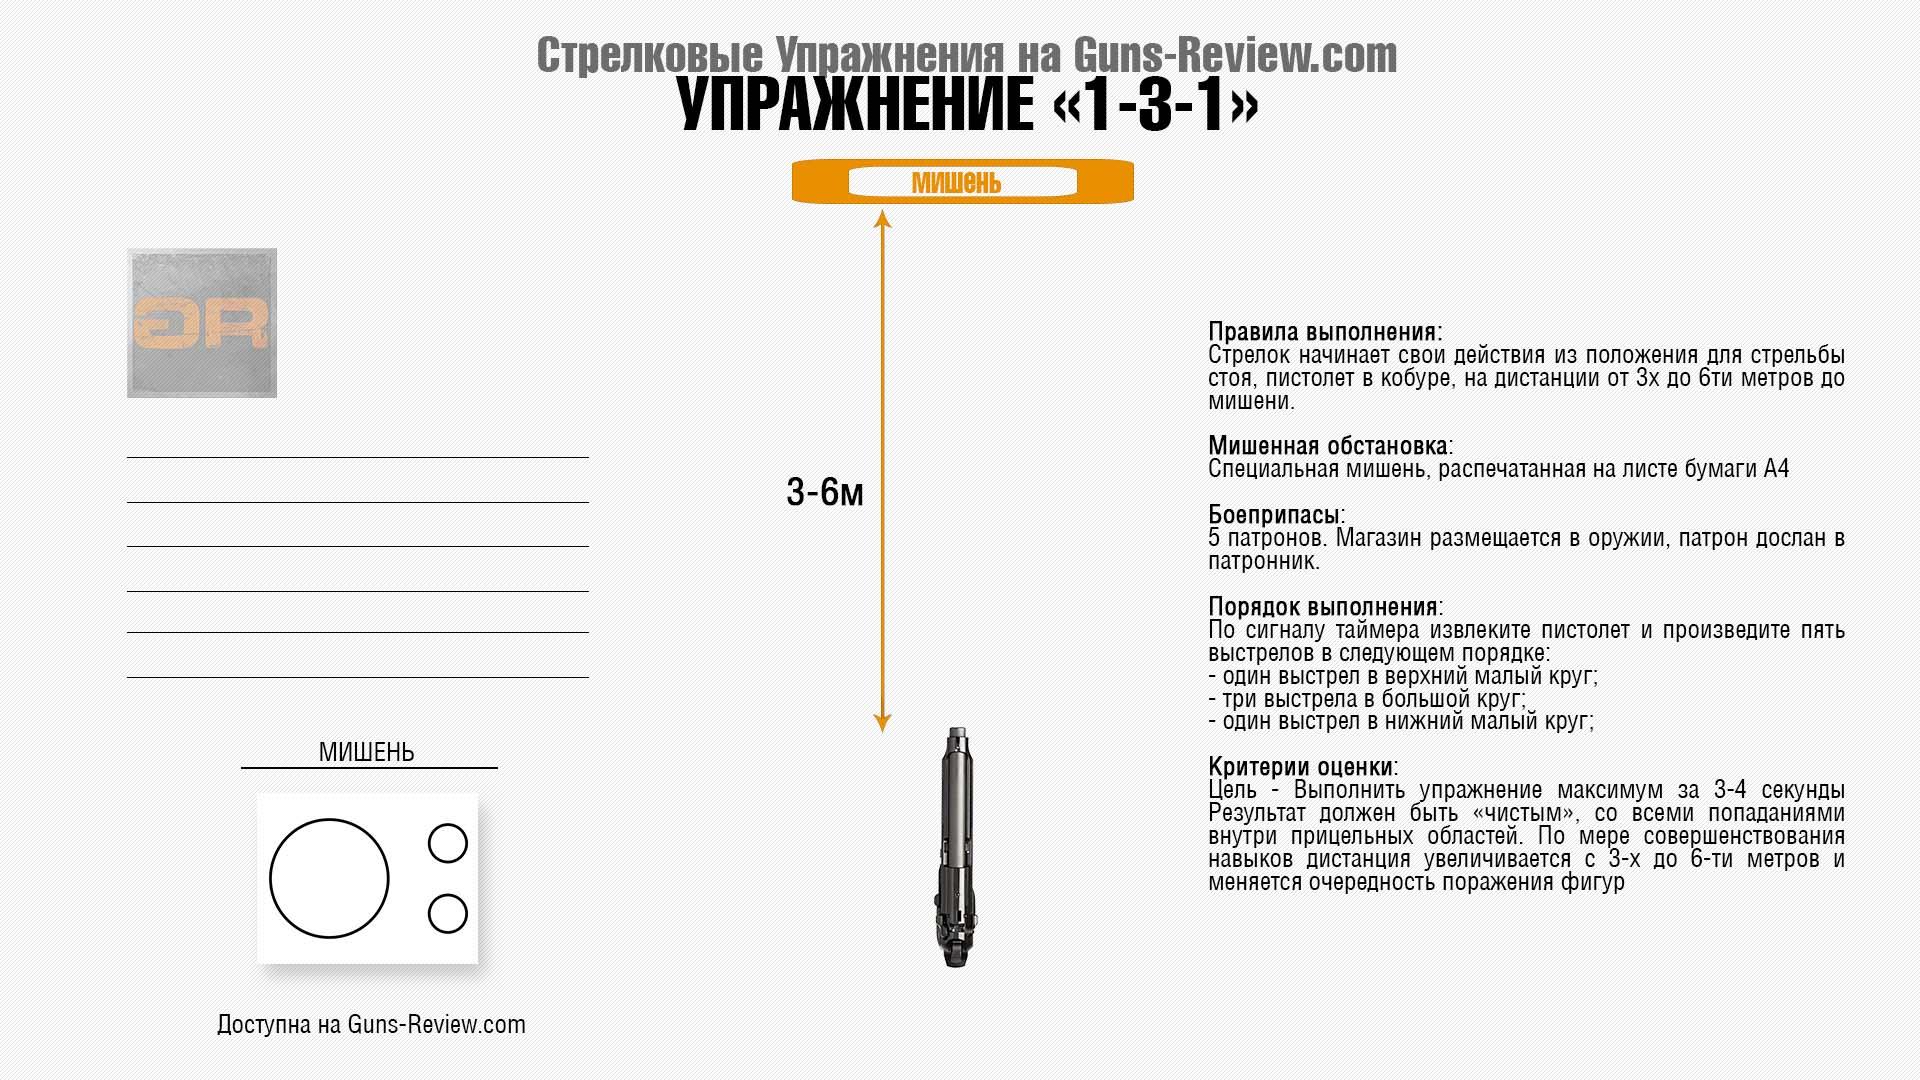 Схема и Правила выполнения стрелкового упражнения с пистолетом 1-3-1